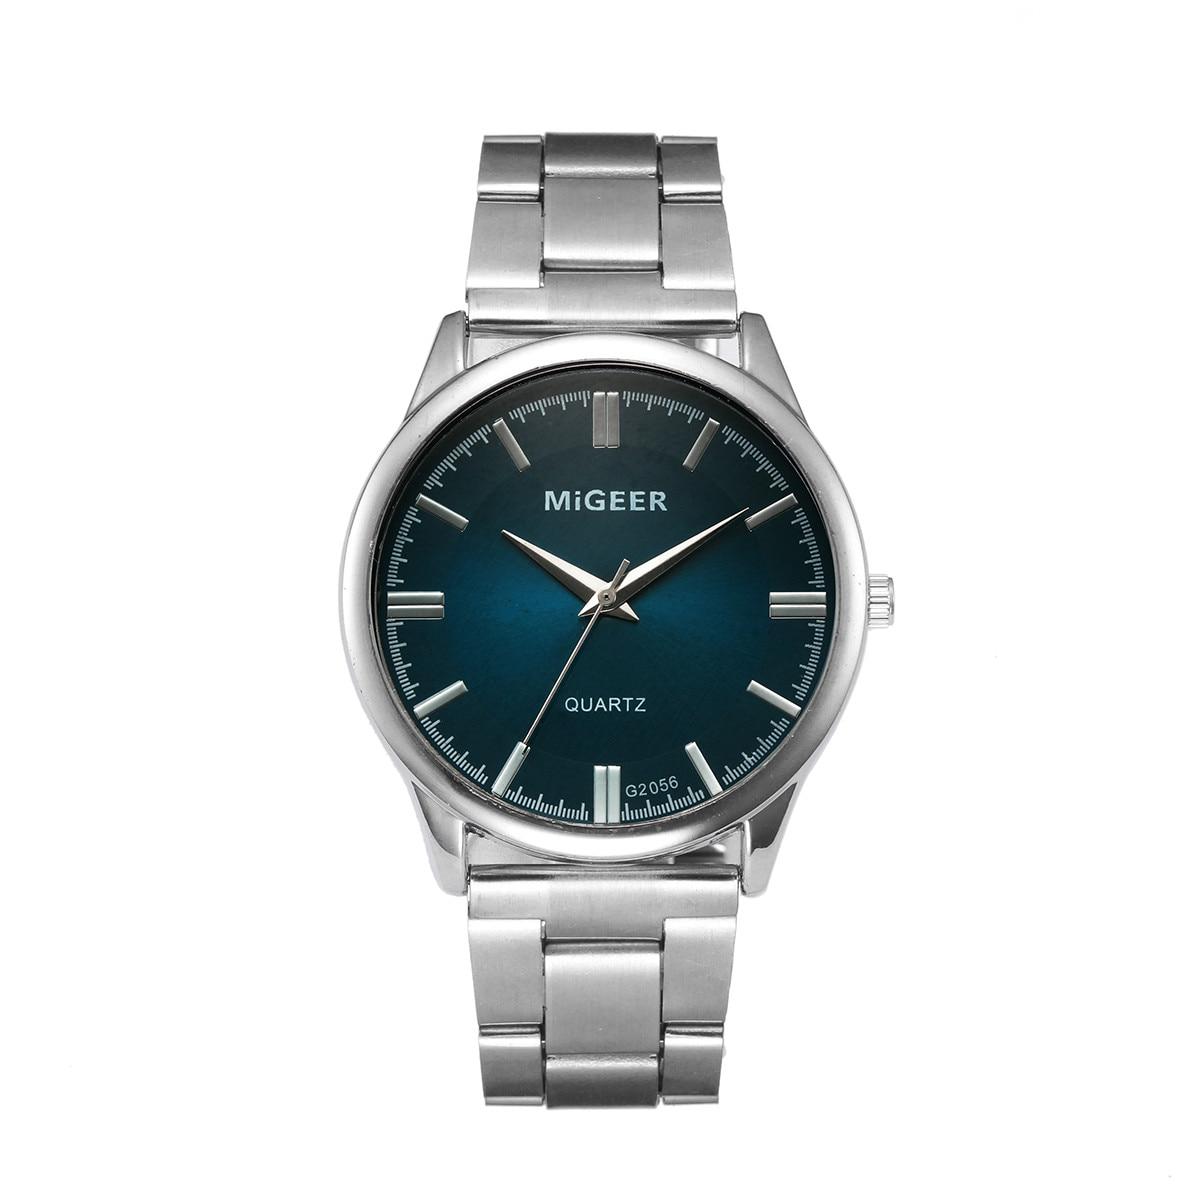 Men's Quartz Watch Fashion Crystal Stainless Steel Analog Quartz Wristwatch Horloges Mannen Relogio Masculino Zegarek Meski